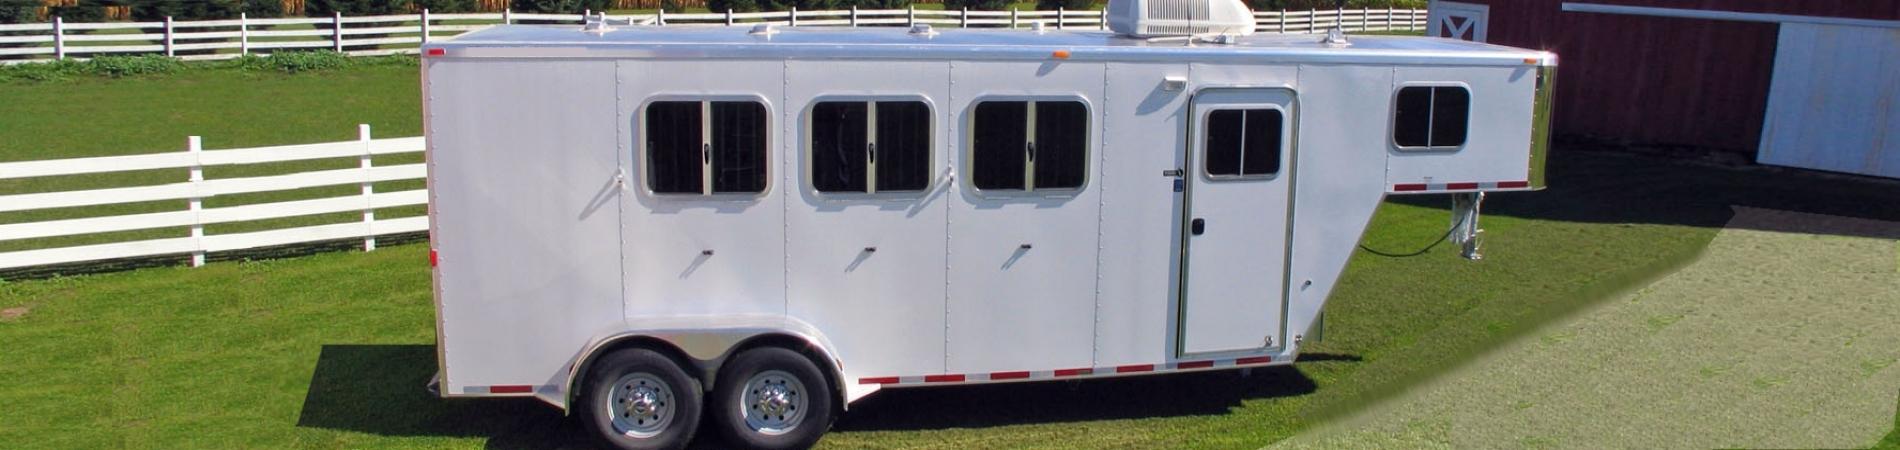 HorseTrailer